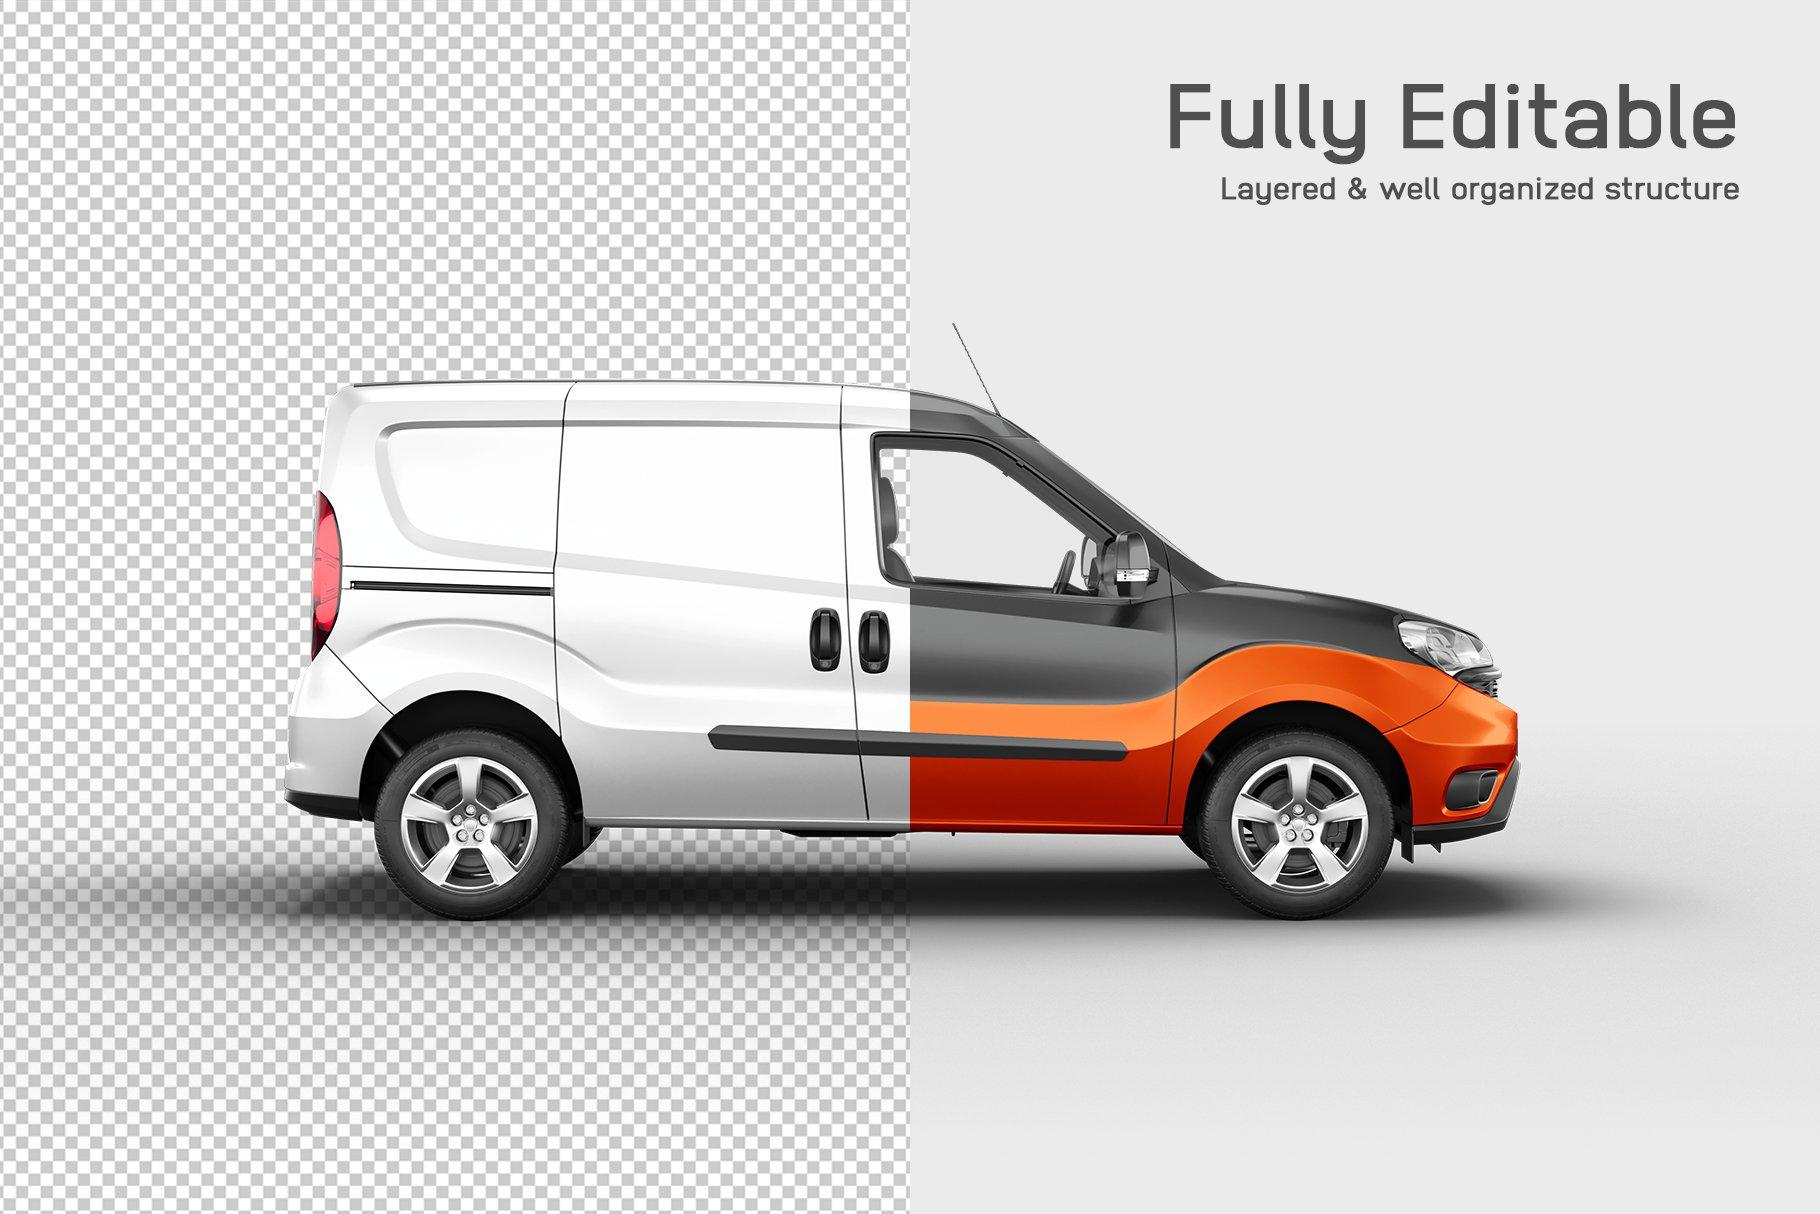 6款面包车小货车车身广告设计展示样机 Delivery Car Mockup 3插图(2)